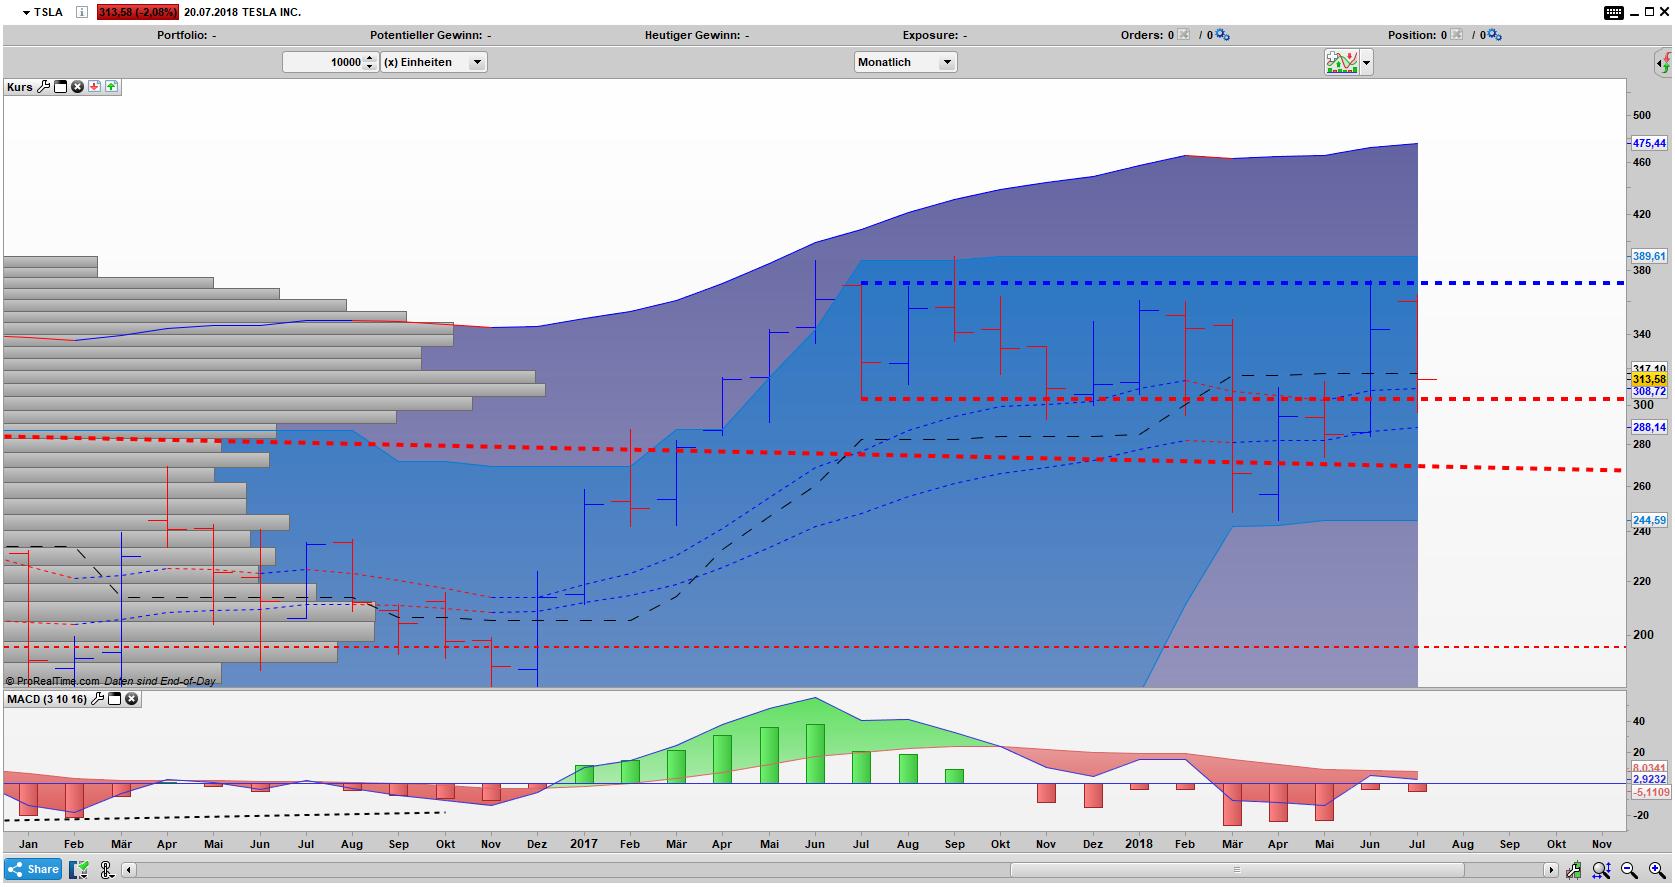 TSLA Bar Chart: Gefangen in einer Range